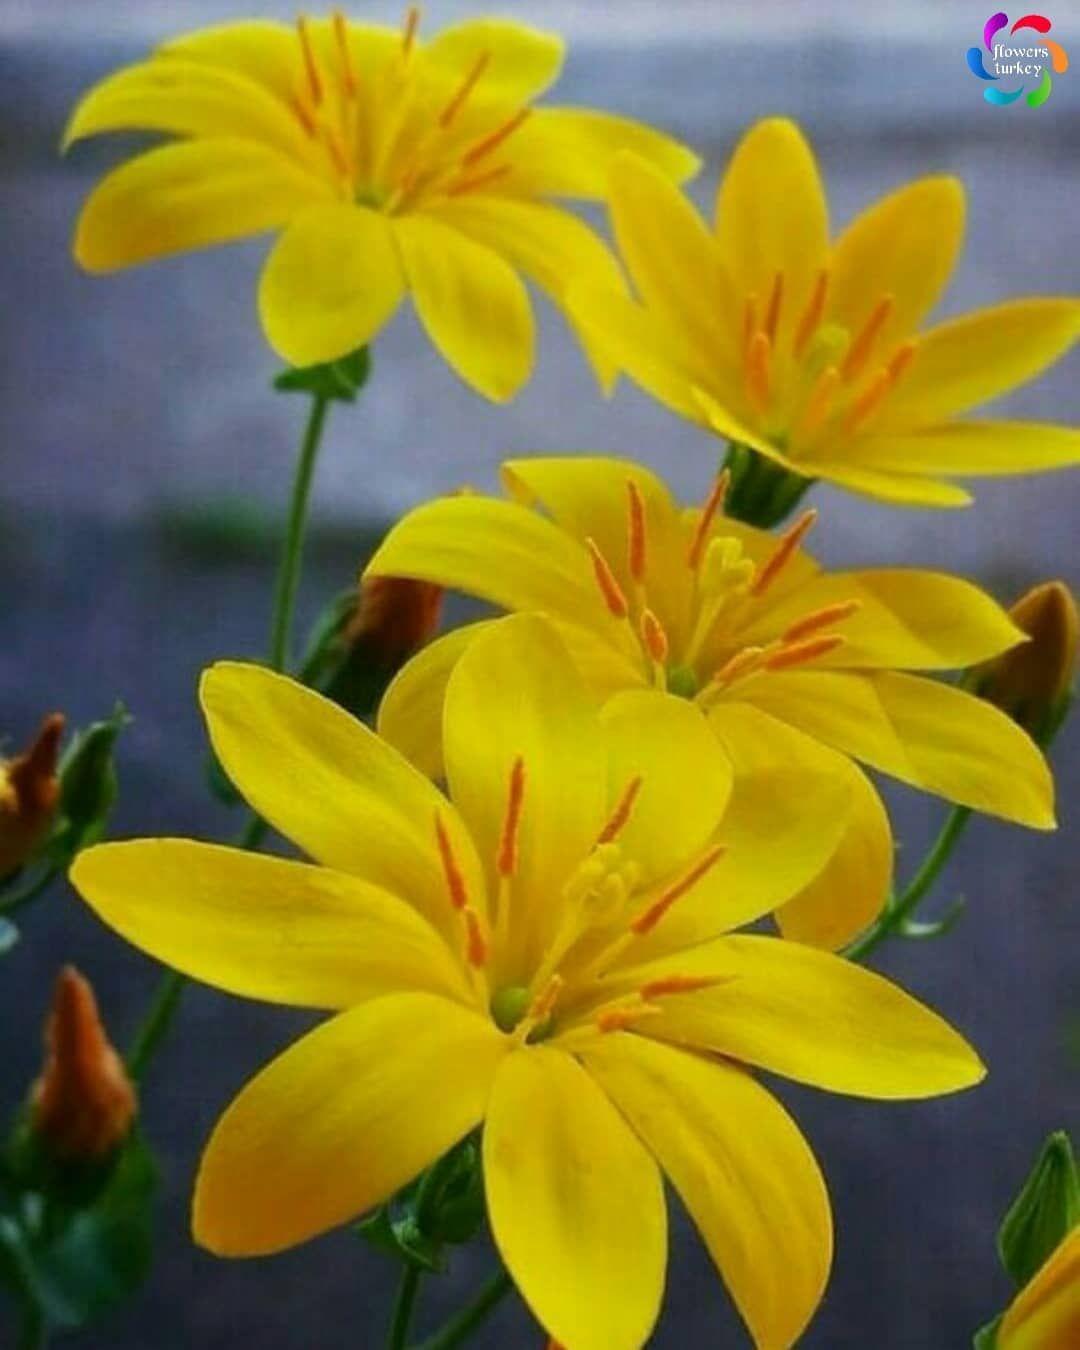 TEBRİKLER Congratulations!!! Fotoğraf / Photo @elmsklg Seçim / Selected @faikderici Lütfen bizi takip edin @flowers_turkey Lütfen tagımızı kullanın #flowers_turkey Kardeş sayfalarımız @ig_alaturka @flower_igers #flower_igers #ig_alaturka . #show_us_nature #favv_flowers #9vaga9 #flowers_nirvana #nature_brilliance #mta_flowers #_flowersworld_ #flowerporn #raw_flowers_ #bns_flowers #captures_flowers #ip_blossoms #kahvelianlar #pocket_macro #flowerlover #loves_garden #ptk_